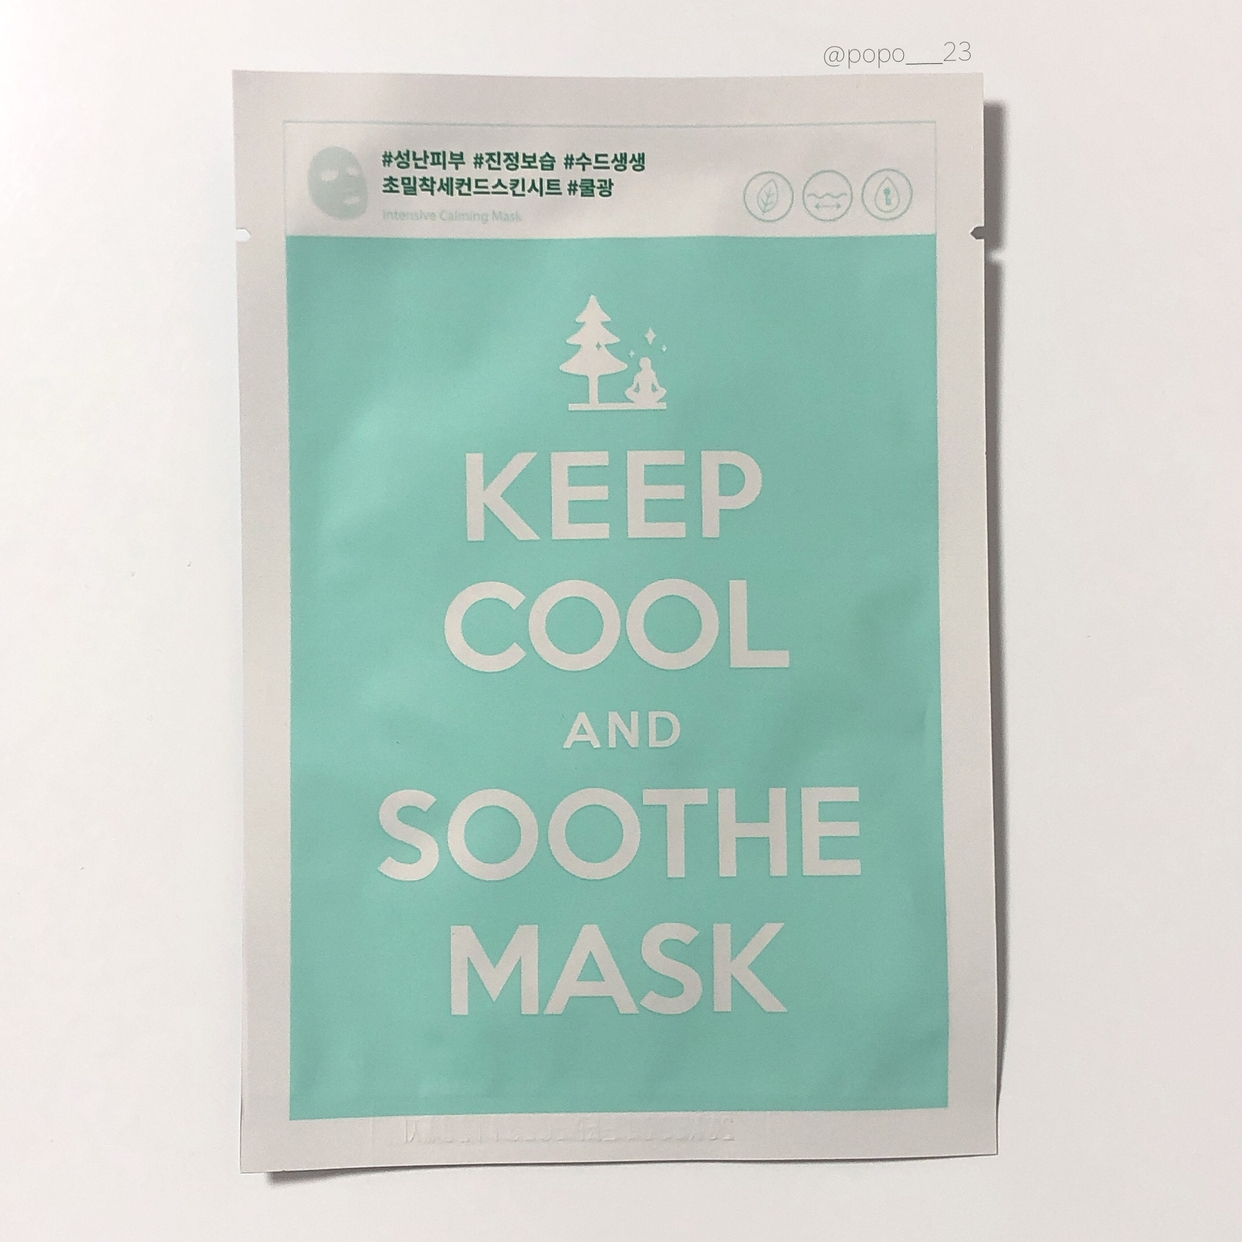 KEEP COOL(キープクール) スードインテンシブカーミングマスクを使ったじぇじぇさんのクチコミ画像